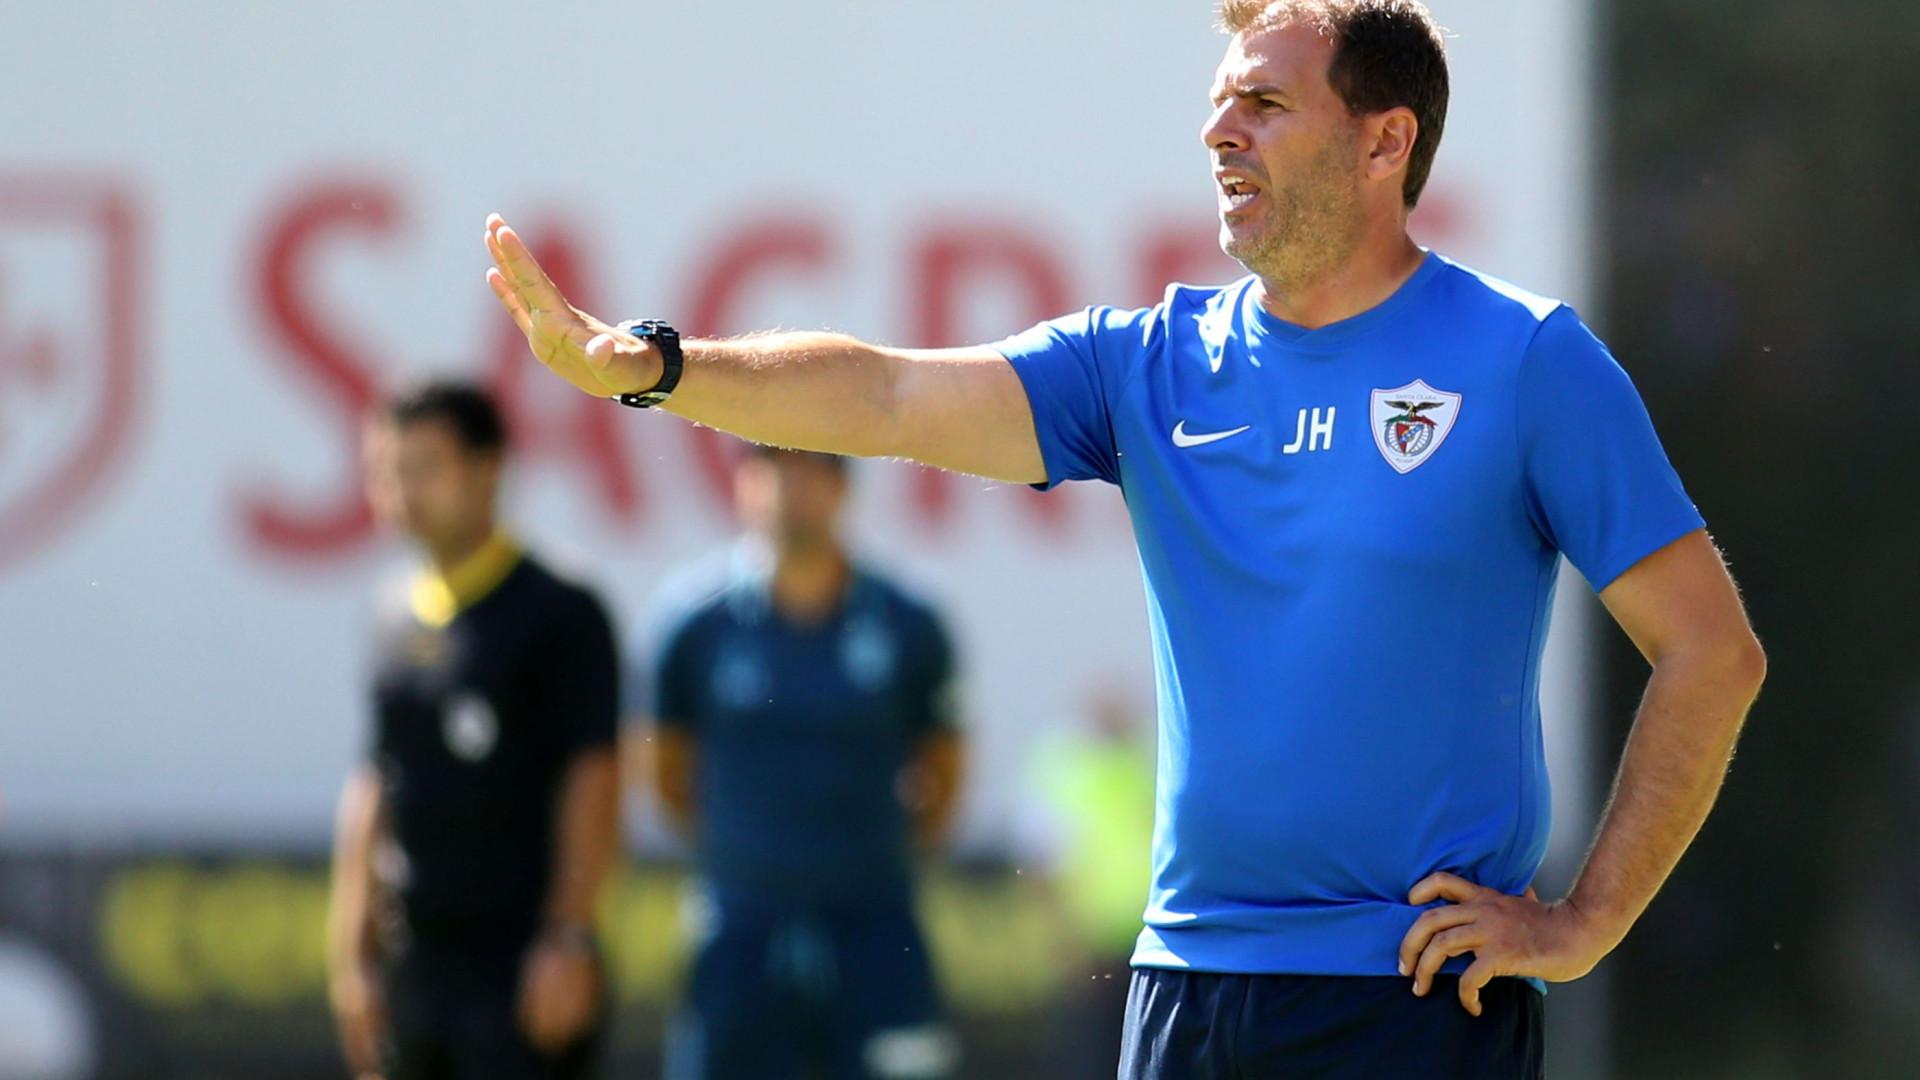 Santa Clara vence Académico de Viseu por 3-1 em jogo de preparação